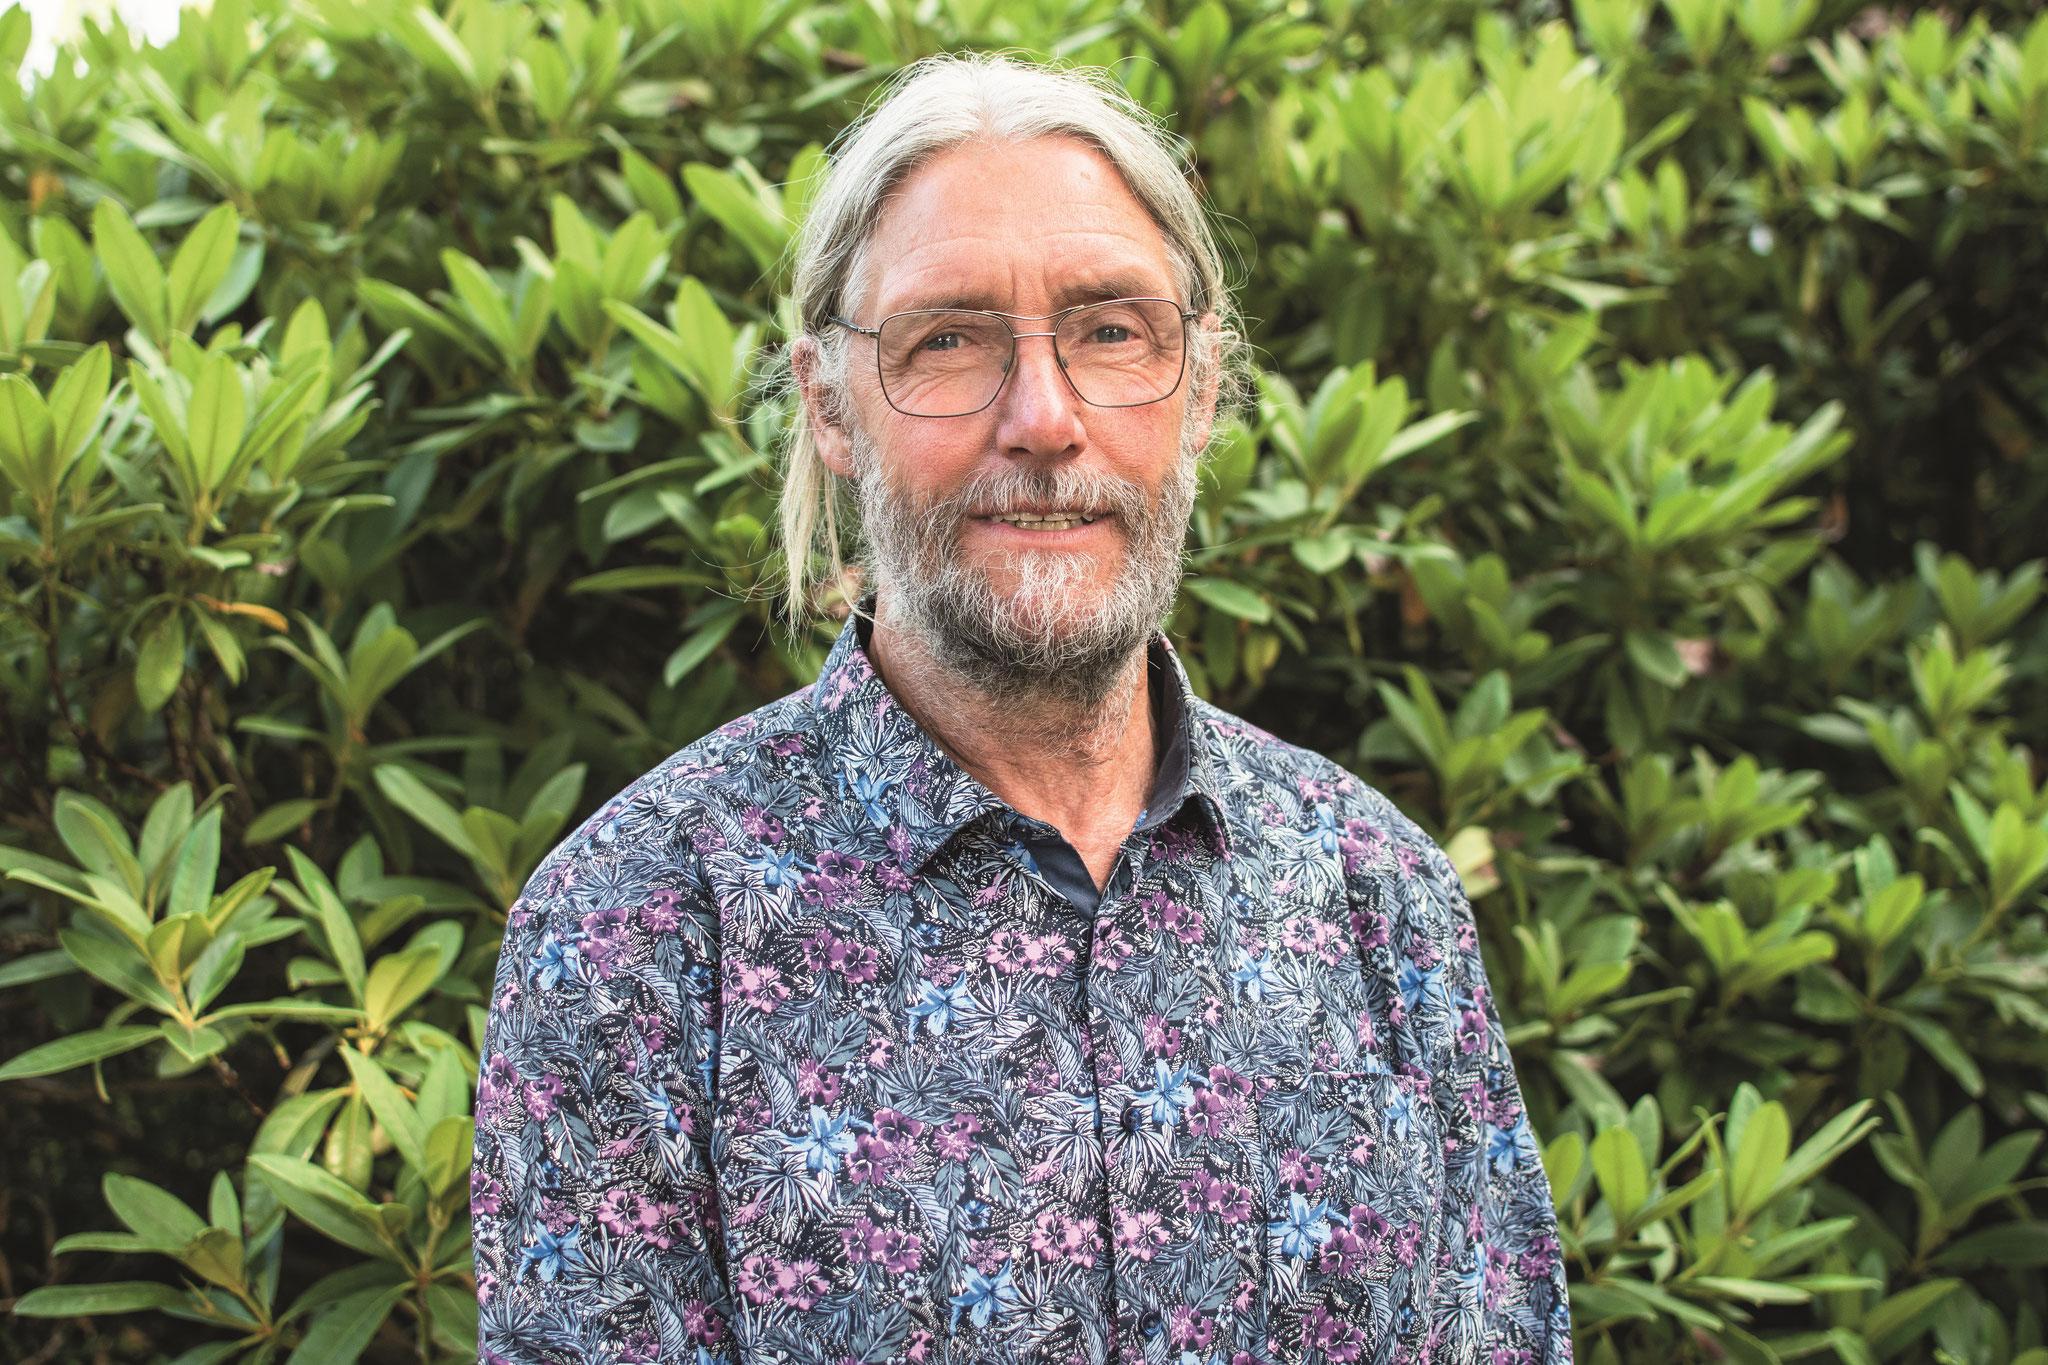 Ulf Müller (Egestorf)